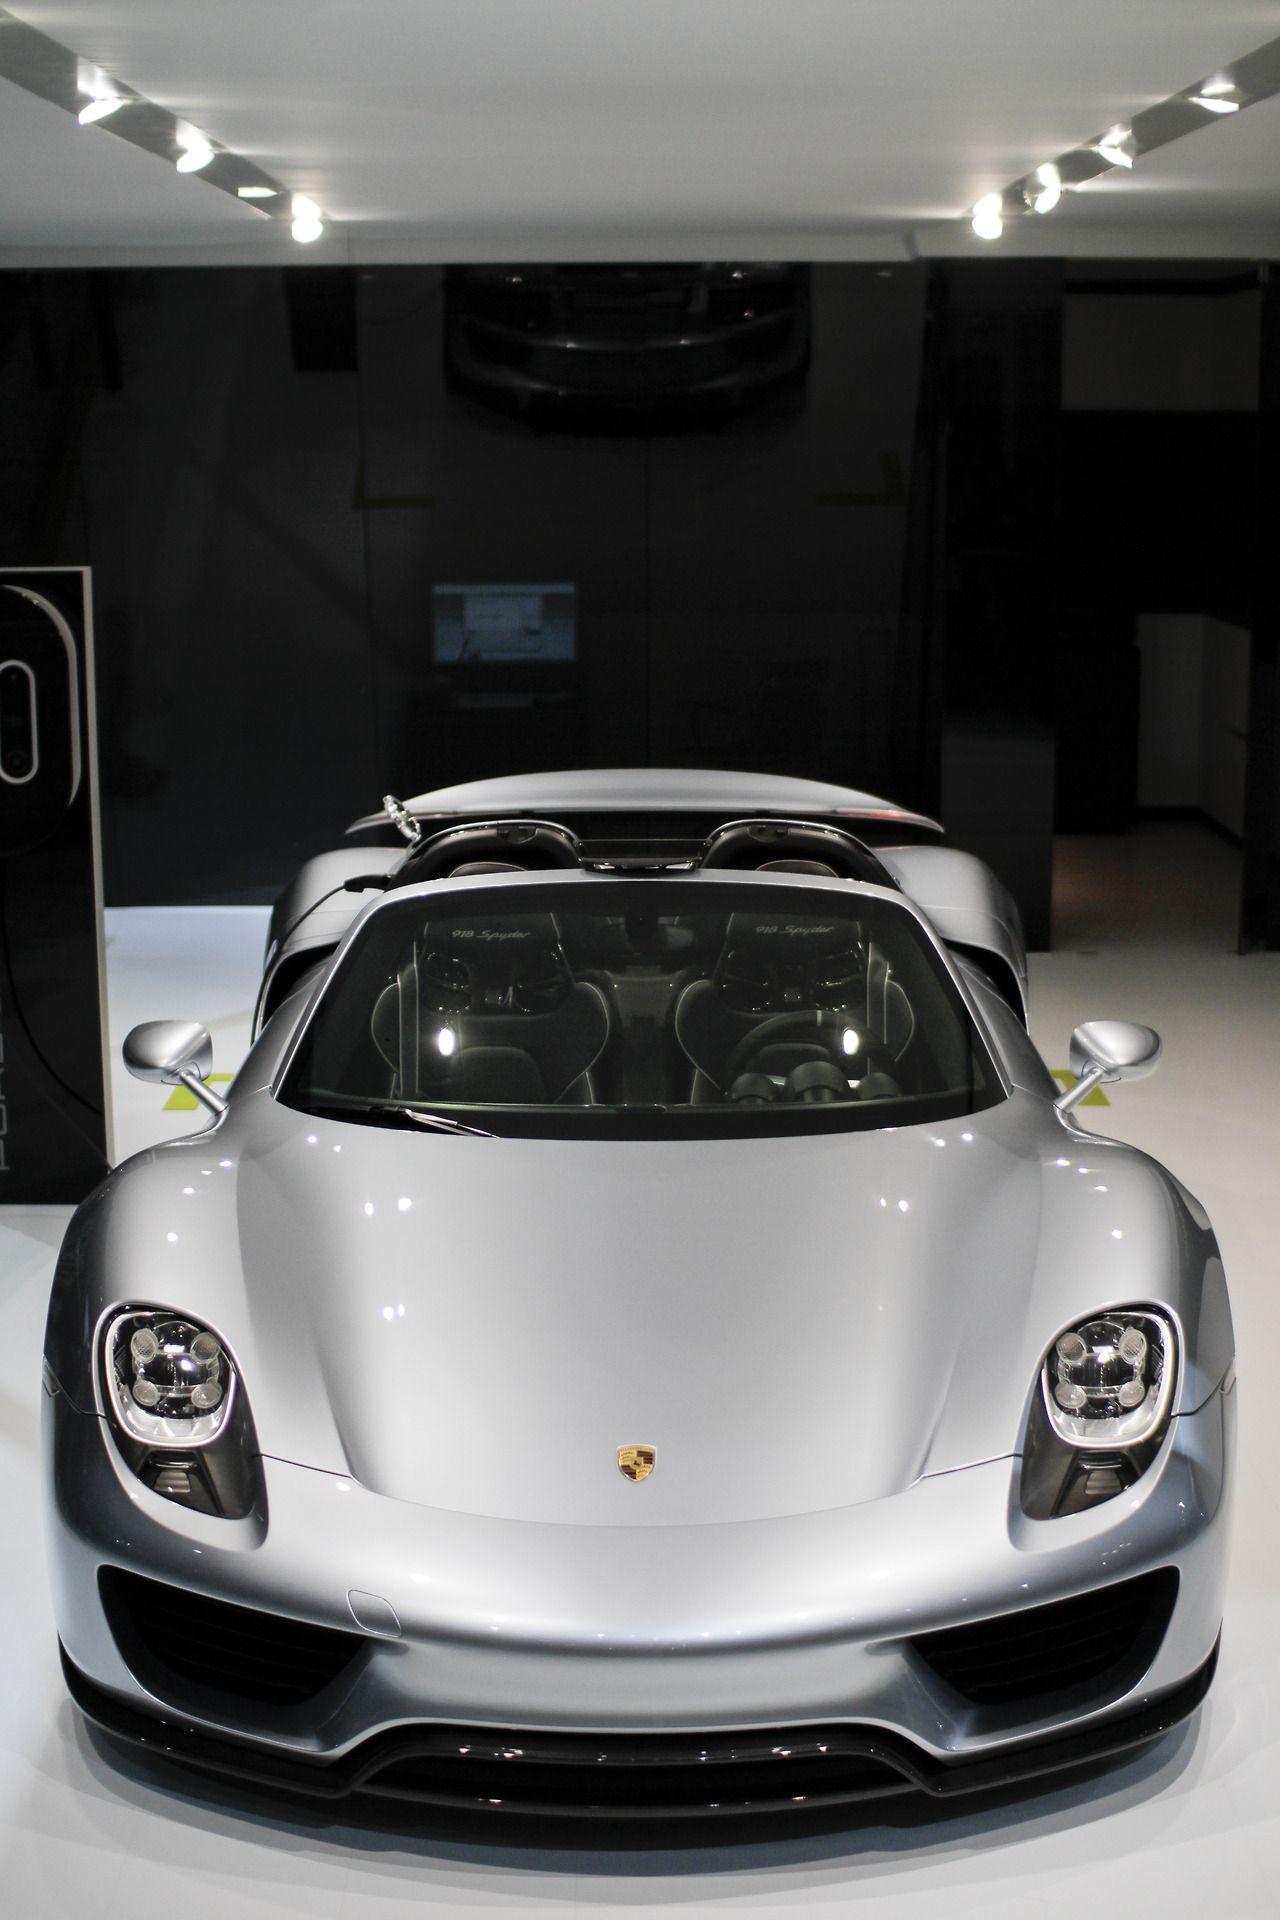 Porsche 918 Spyder Car Front Pinterest Porsche 918